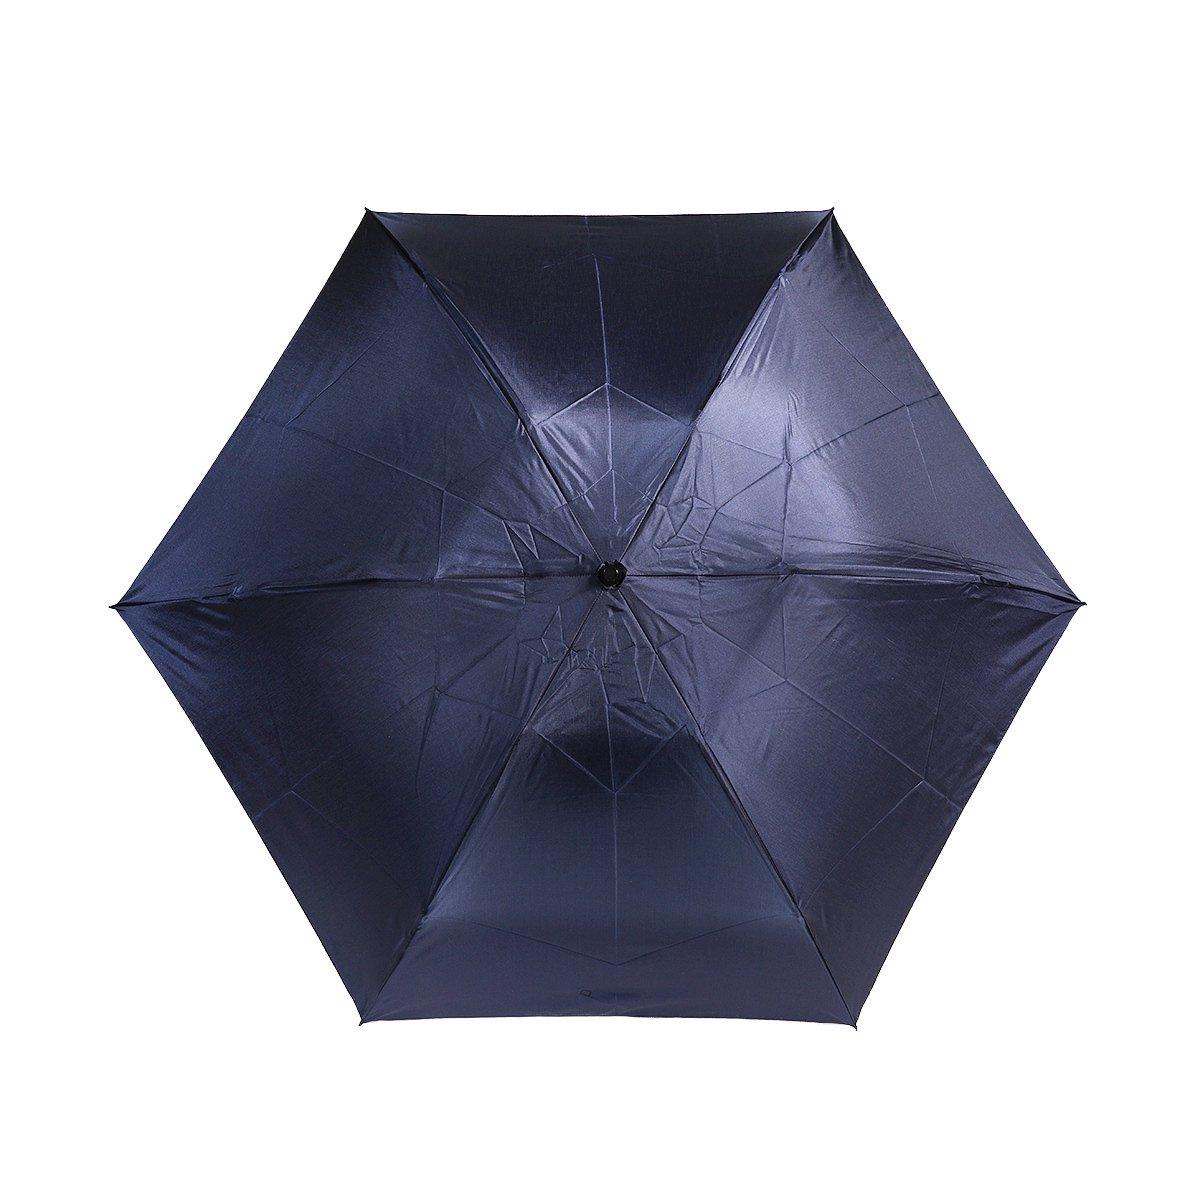 レディース 富士絹 折りたたみ傘 詳細画像15